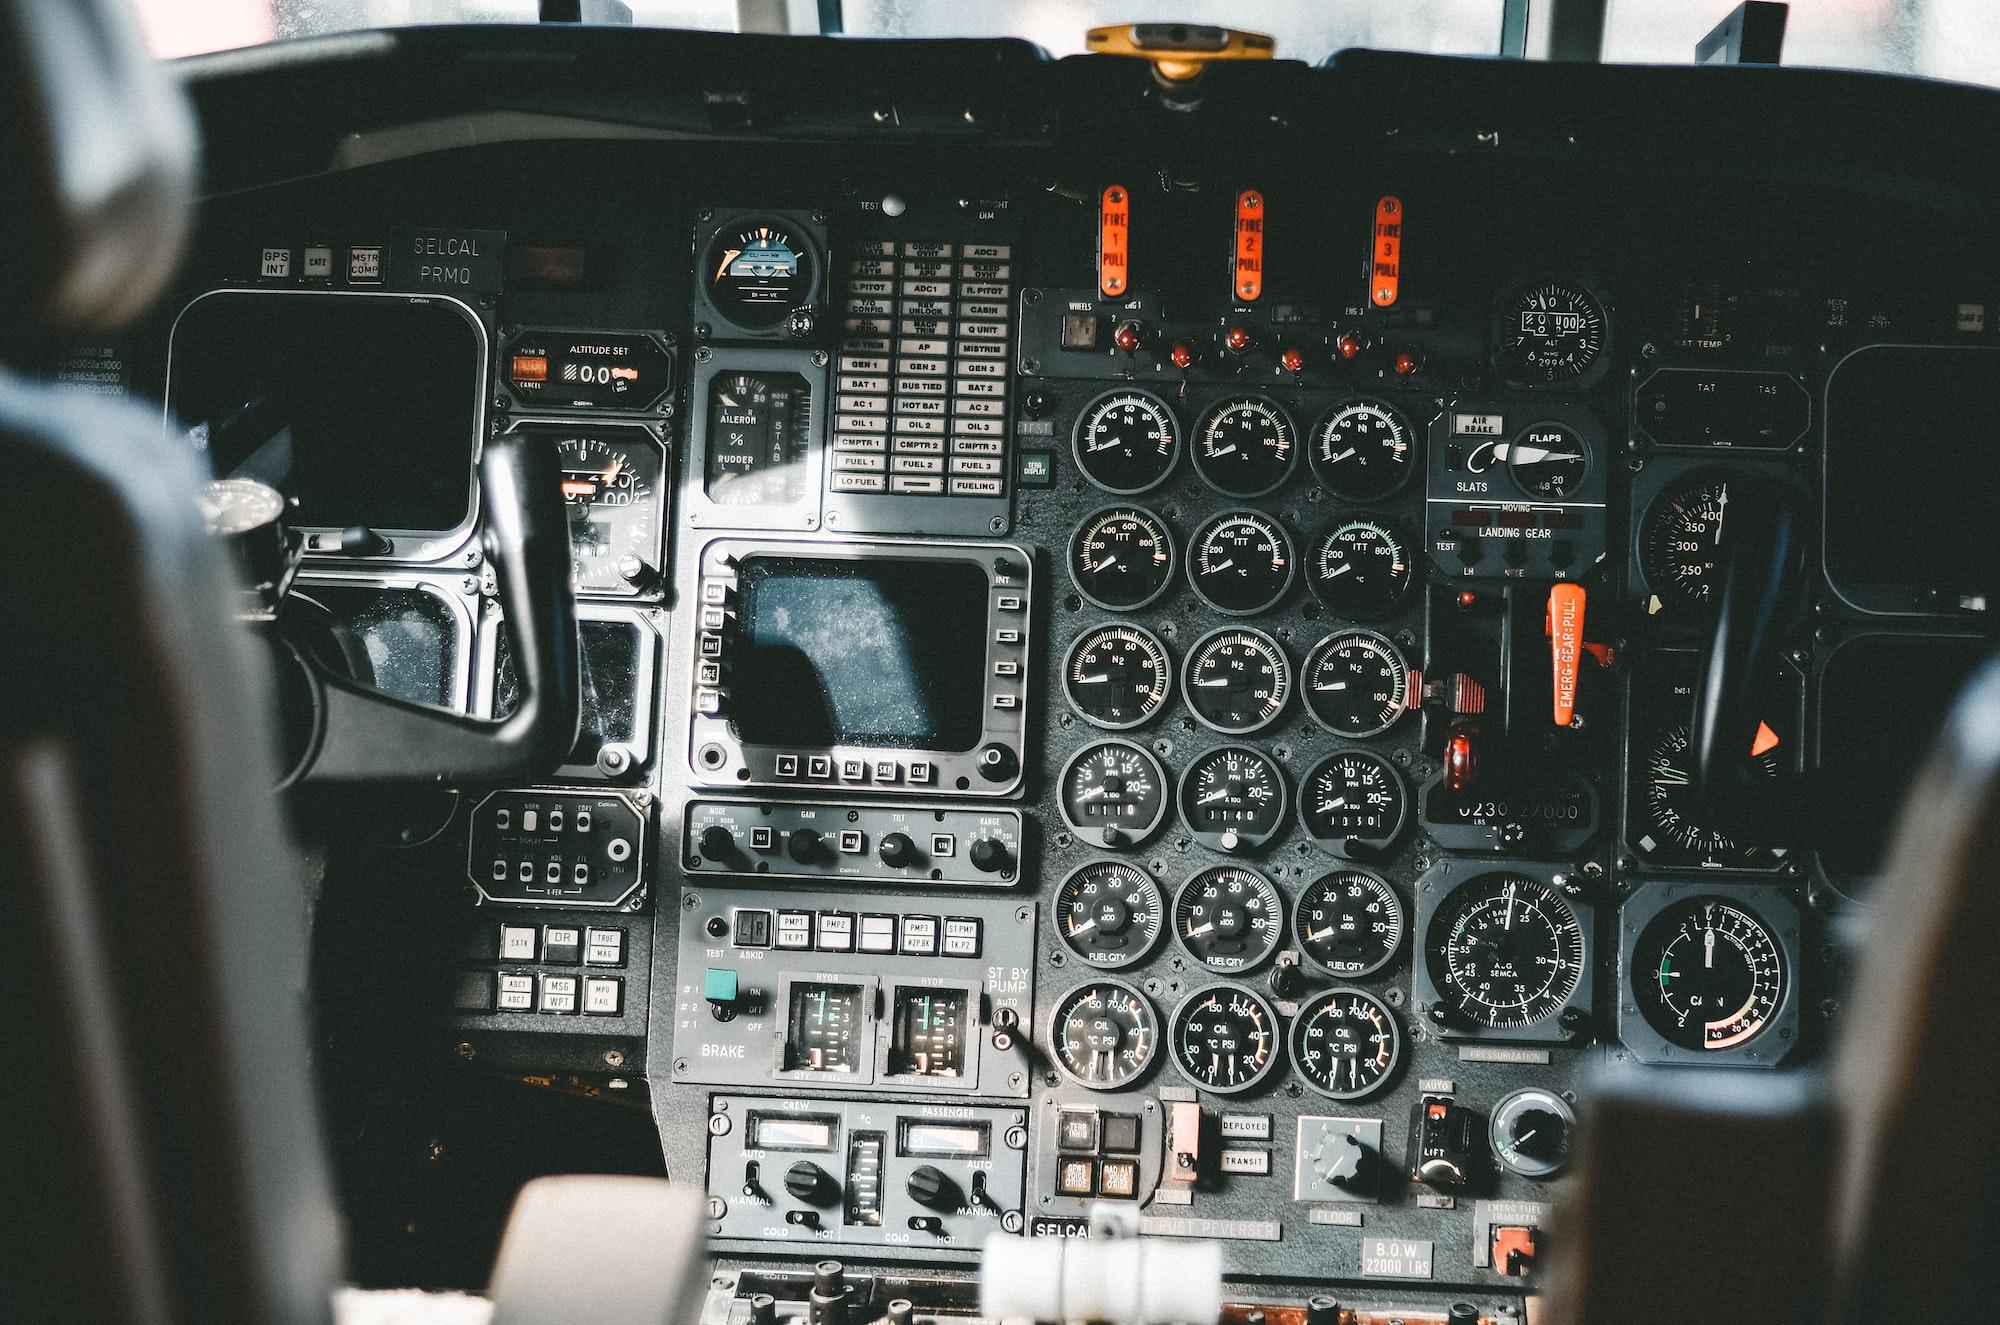 ARINC 661驾驶舱显示系统标准简述